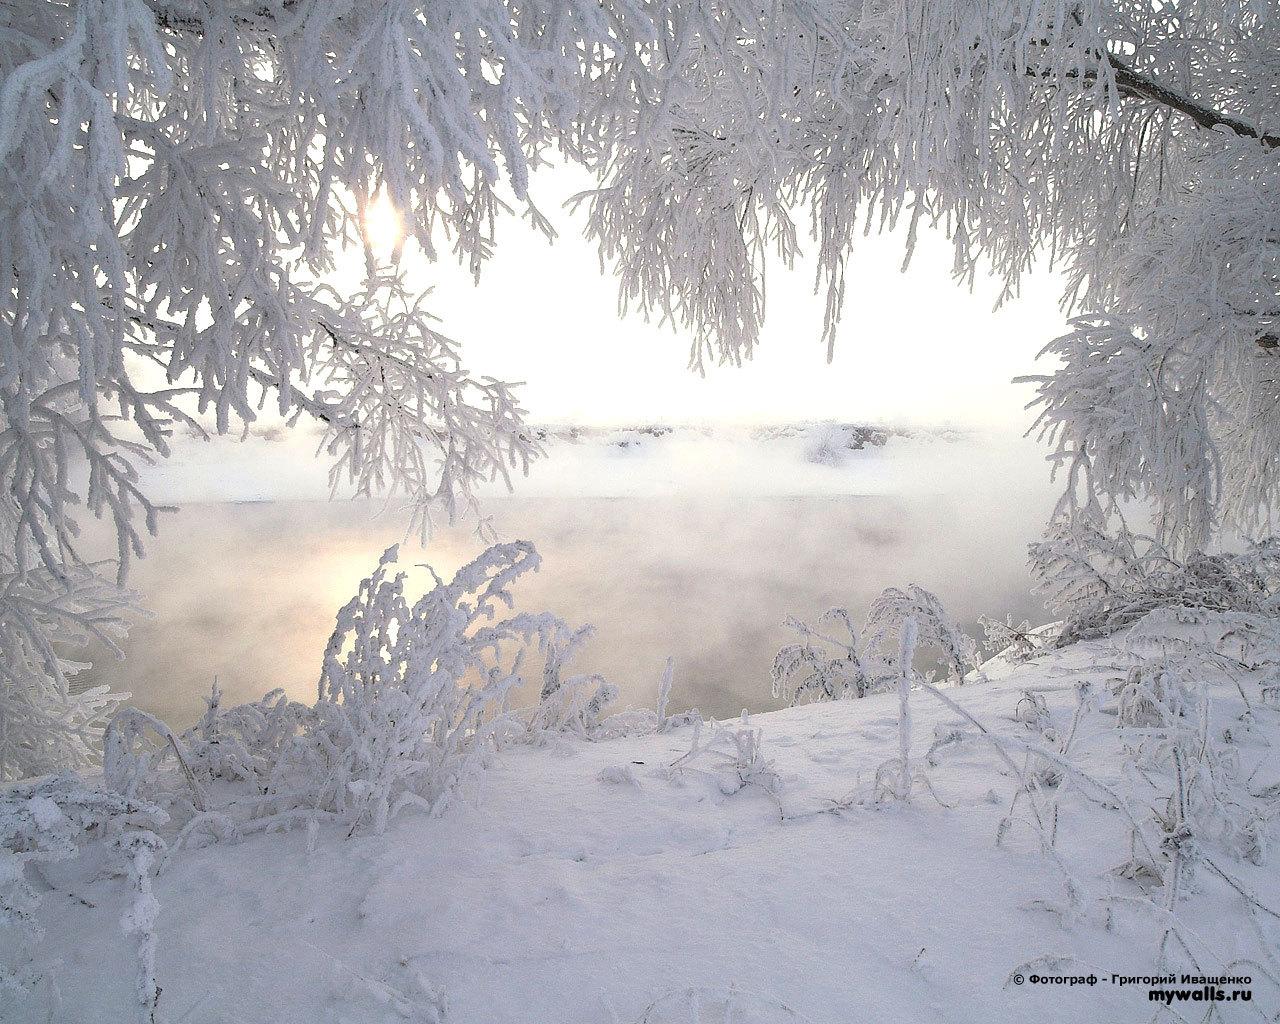 Пытка холодом и снегом 7 фотография